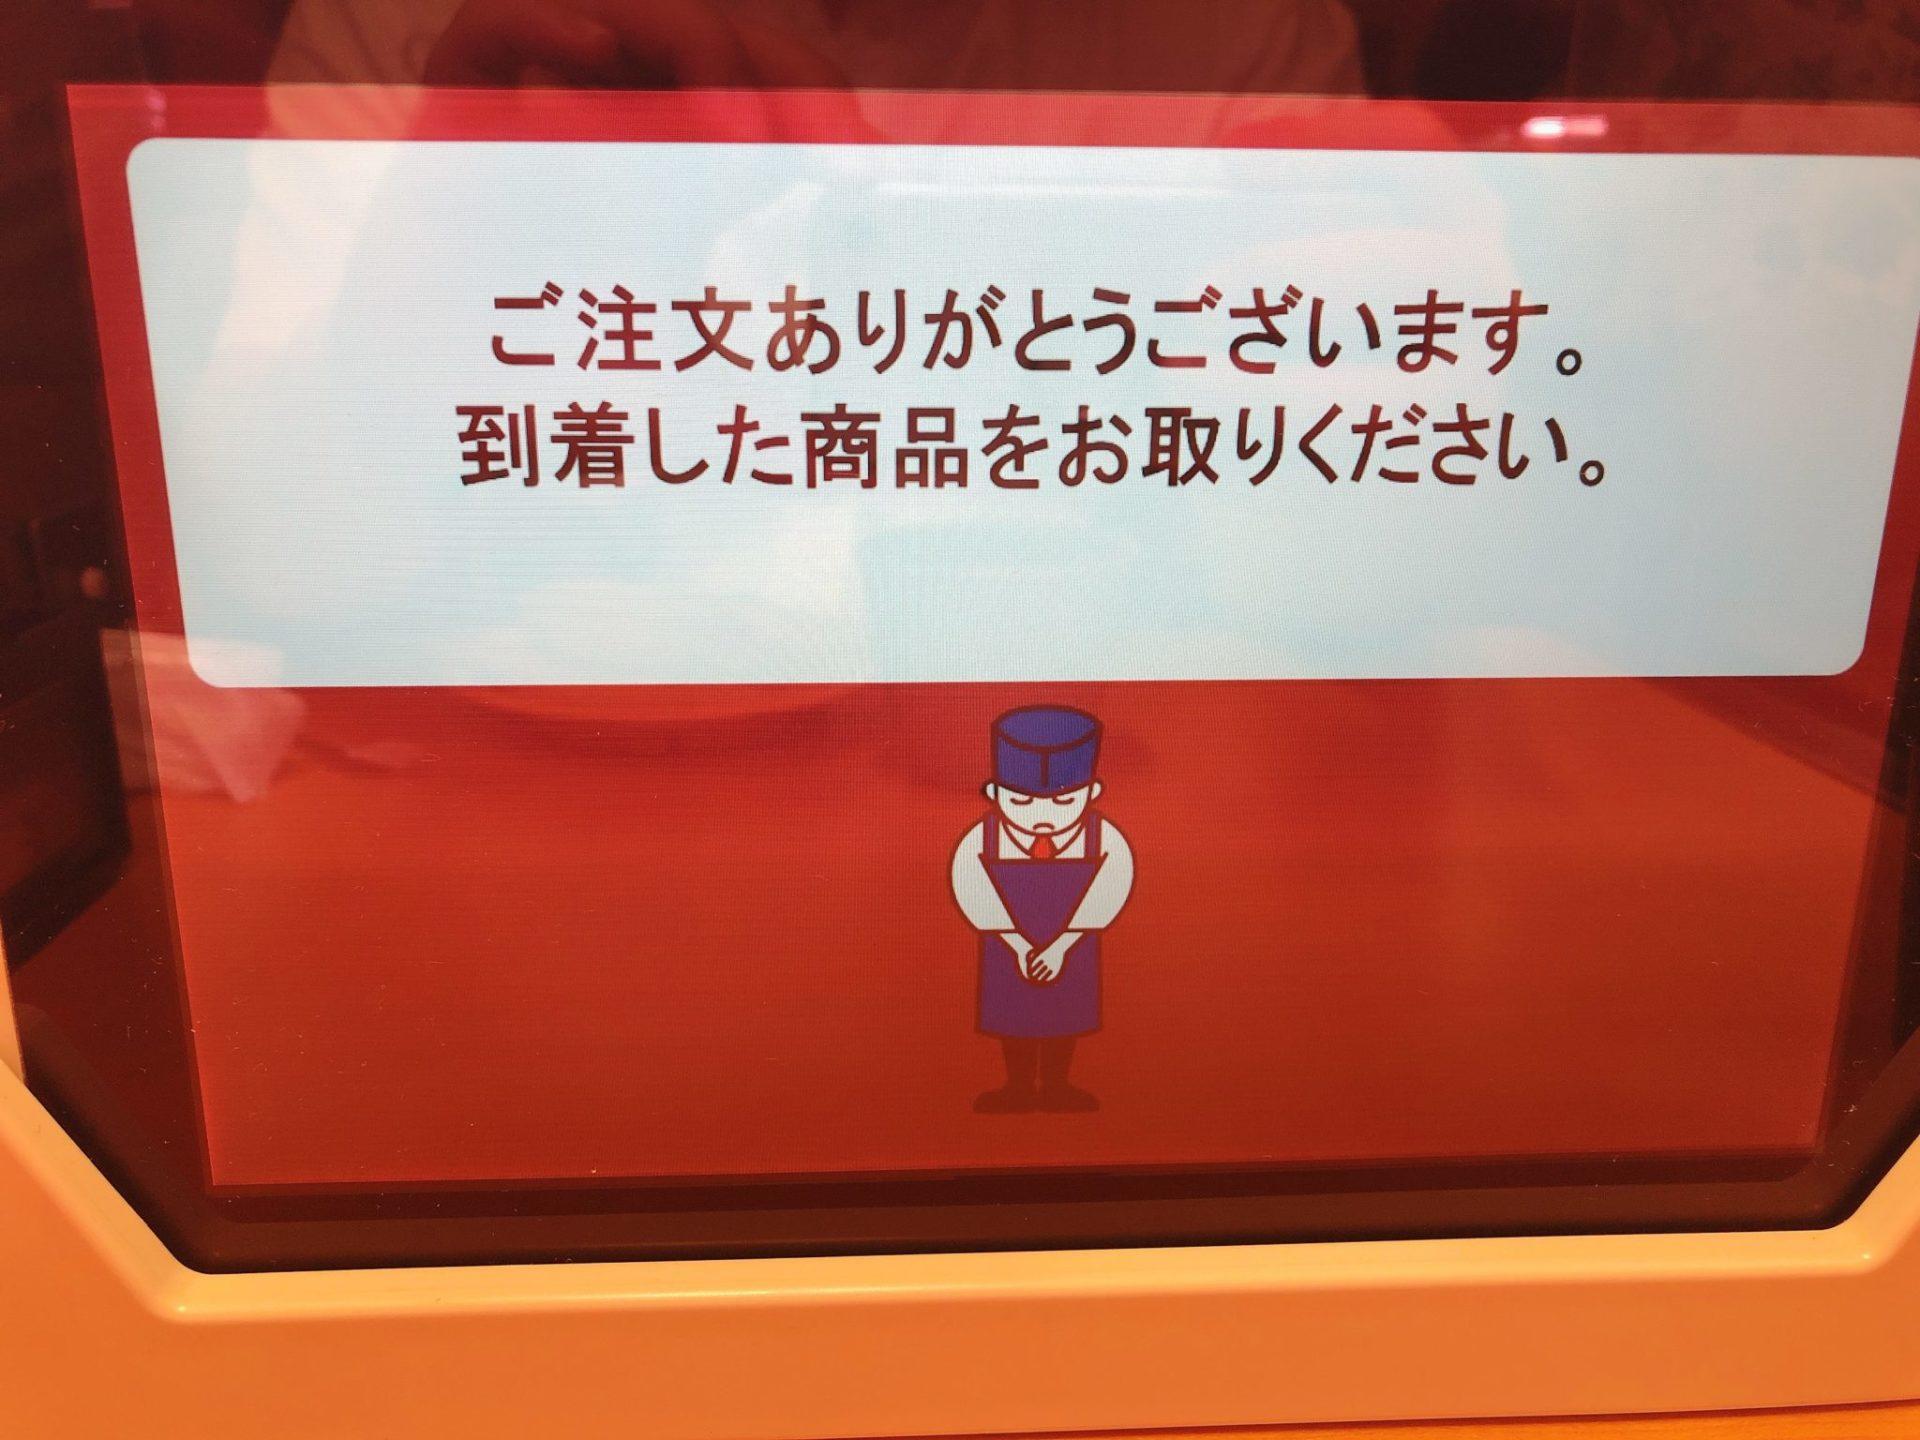 スシロー有楽町店のタッチパネル式注文機